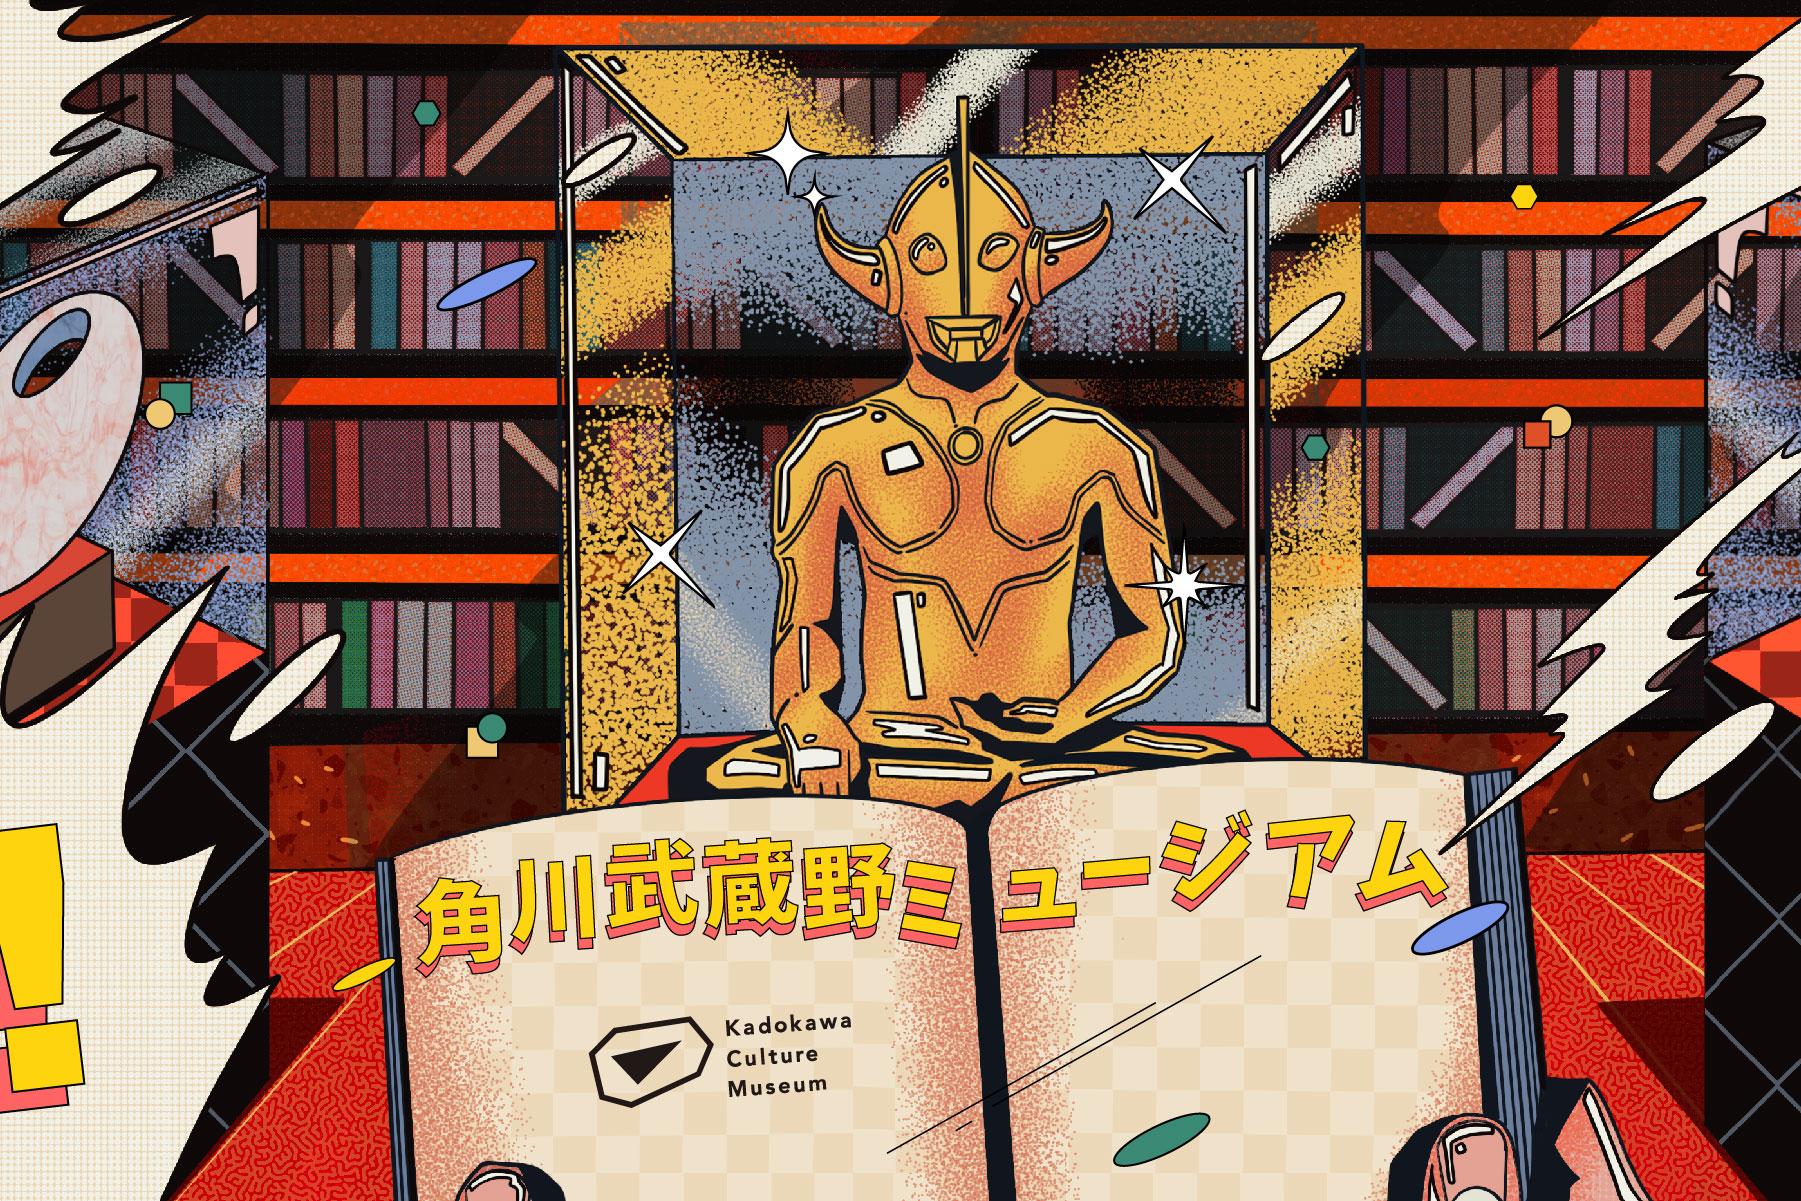 Kadokawa Musashino Museum ห้องสมุดแนวใหม่ในชิบะที่จัดวางหนังสือคู่กับงานศิลปะ